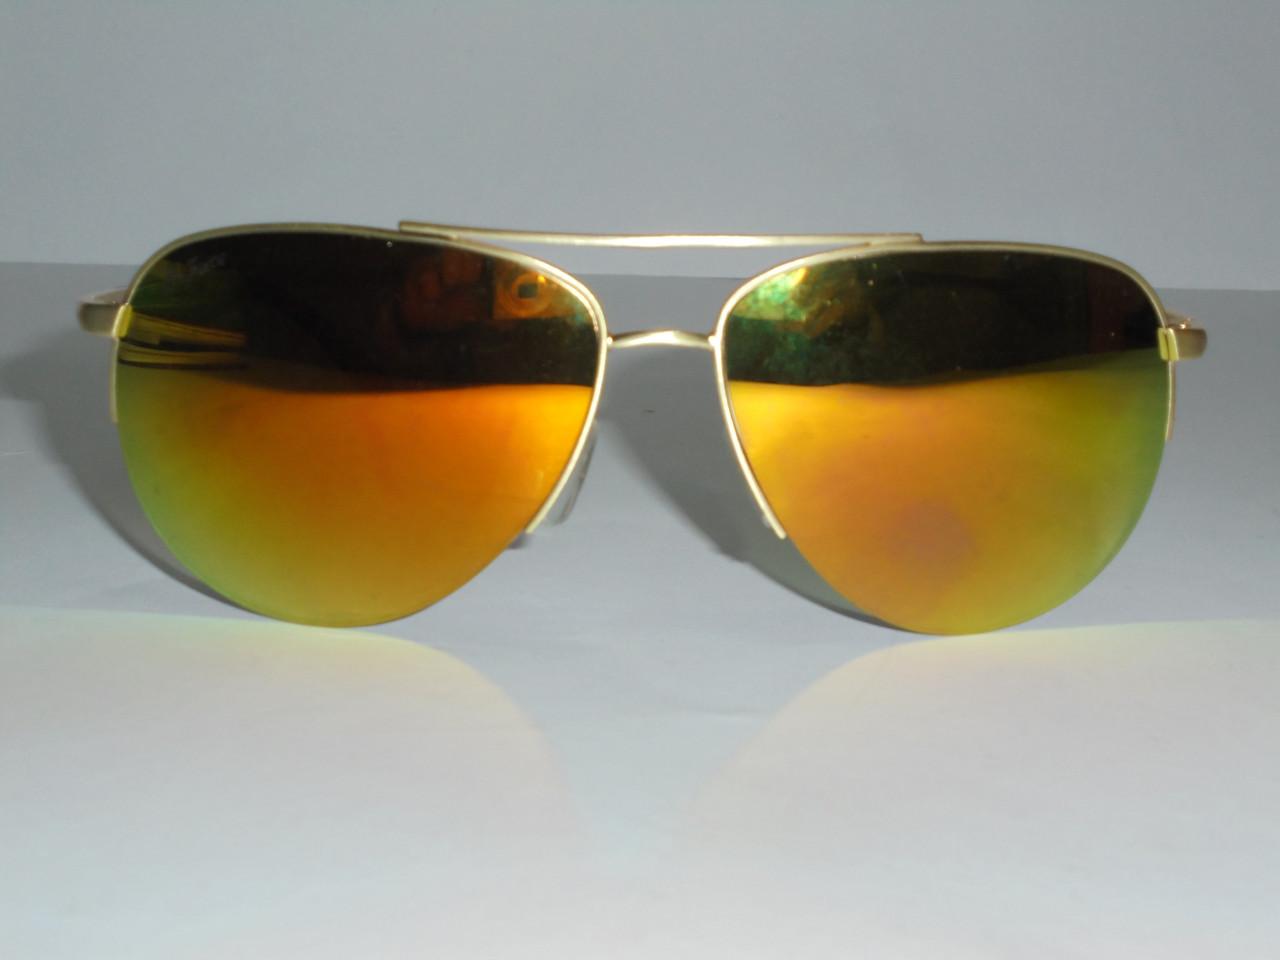 b8a087ee2fbb Солнцезащитные Очки Aviator Ray-Ban 6608, Очки Авиаторы, Модный Аксессуар,  Очки, Унисекс Очки,очки Капельки — в Категории